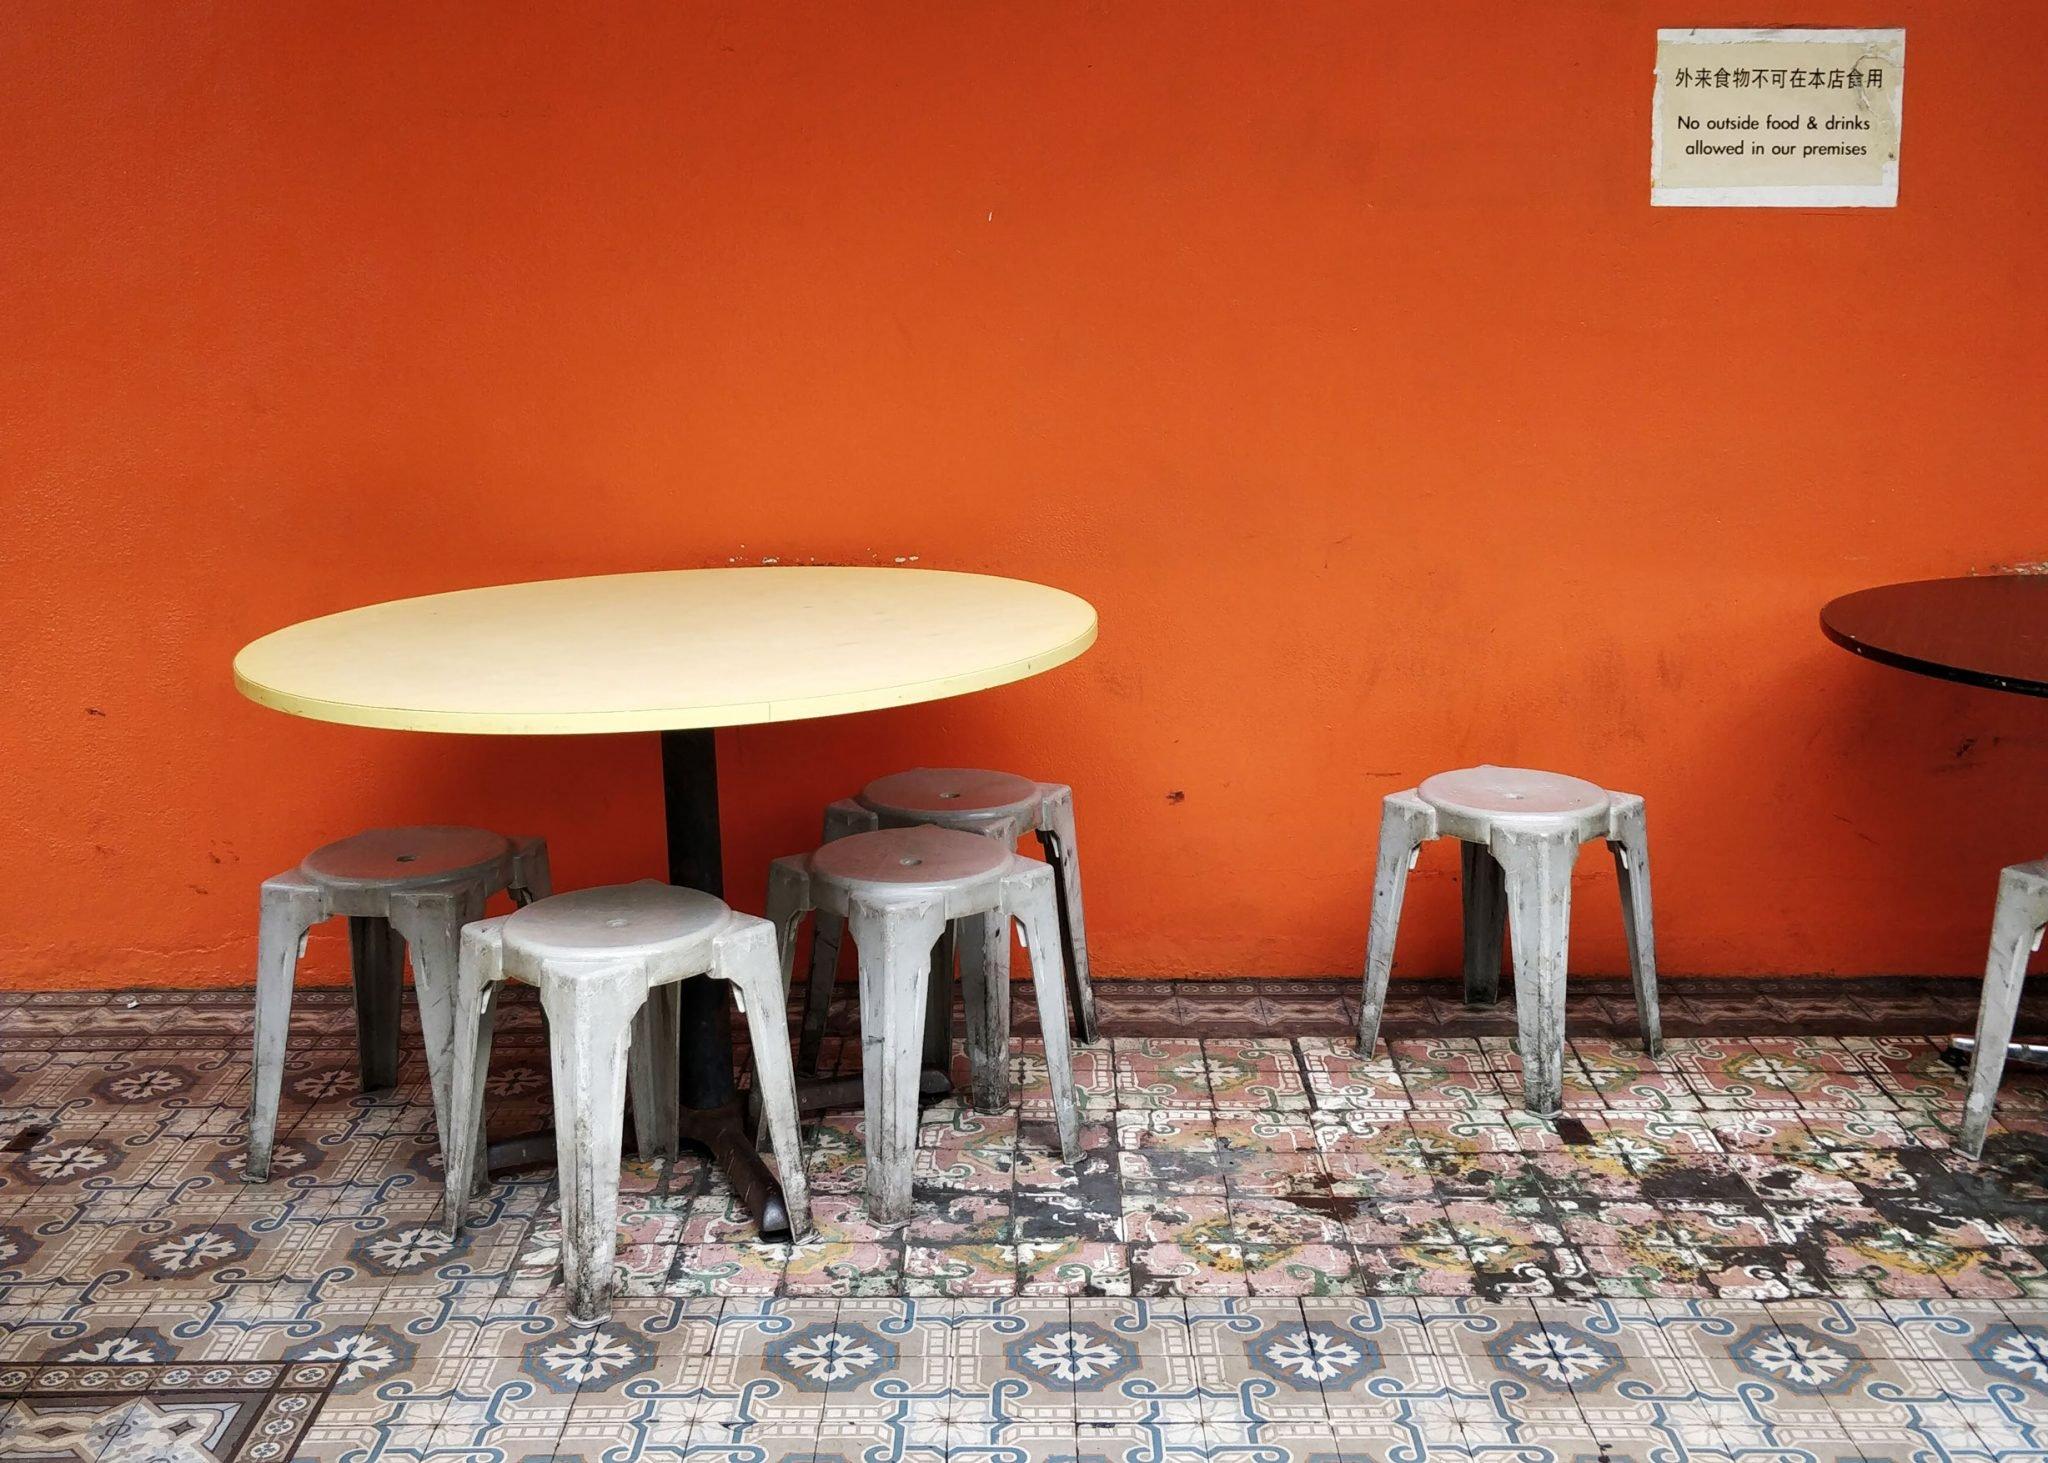 oranssi seinä, laattalattia, pöytä ja tuoleja